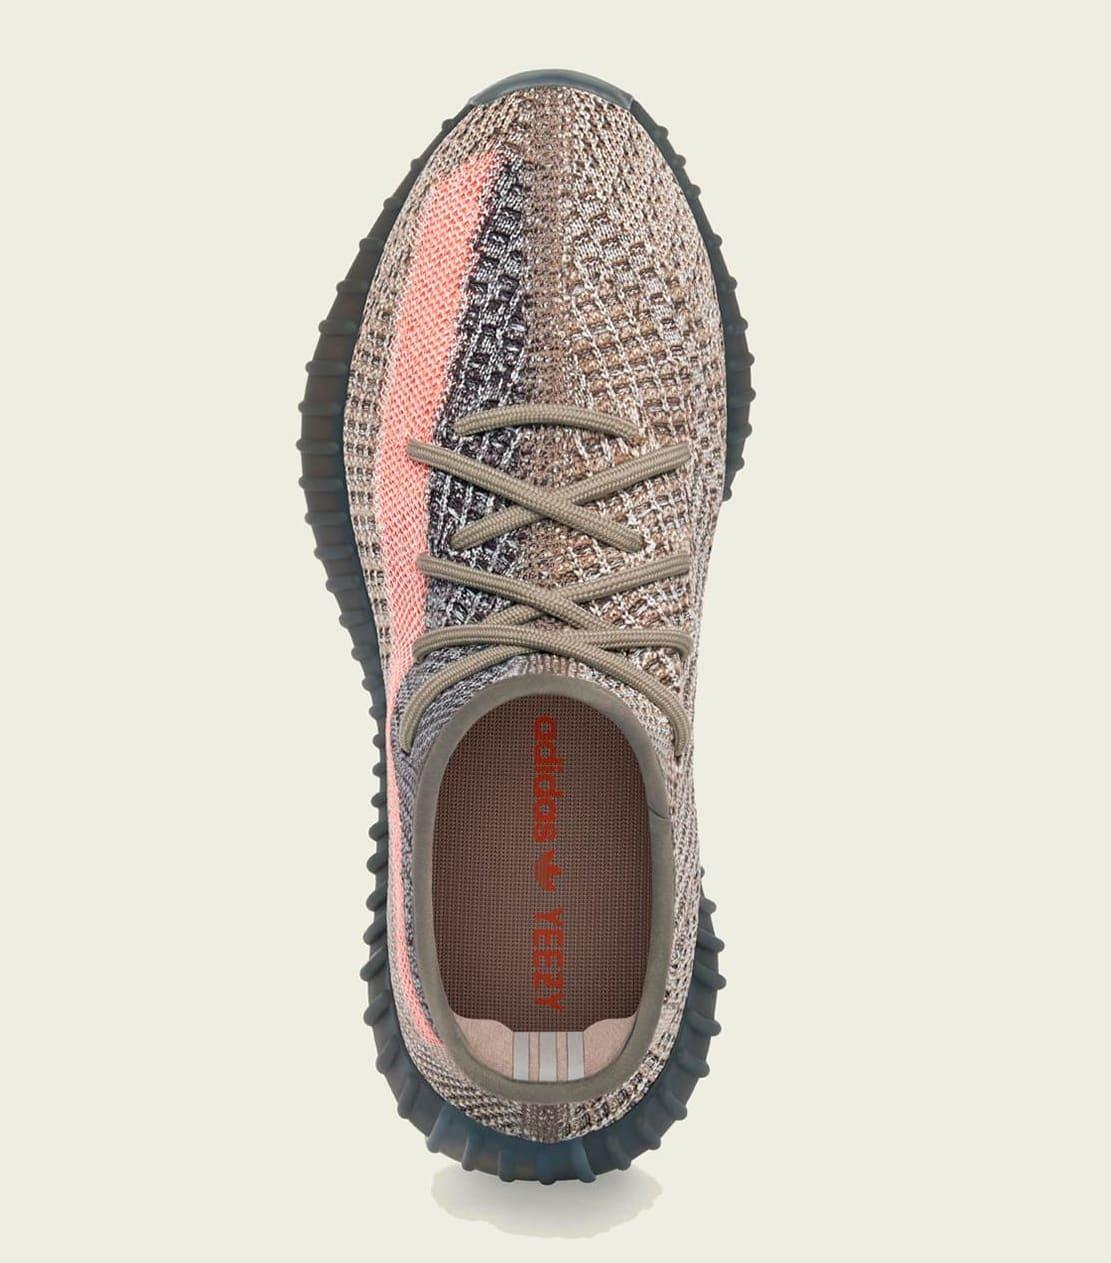 Adidas Yeezy Boost 350 V2 'Ash Stone' GW0089 Top